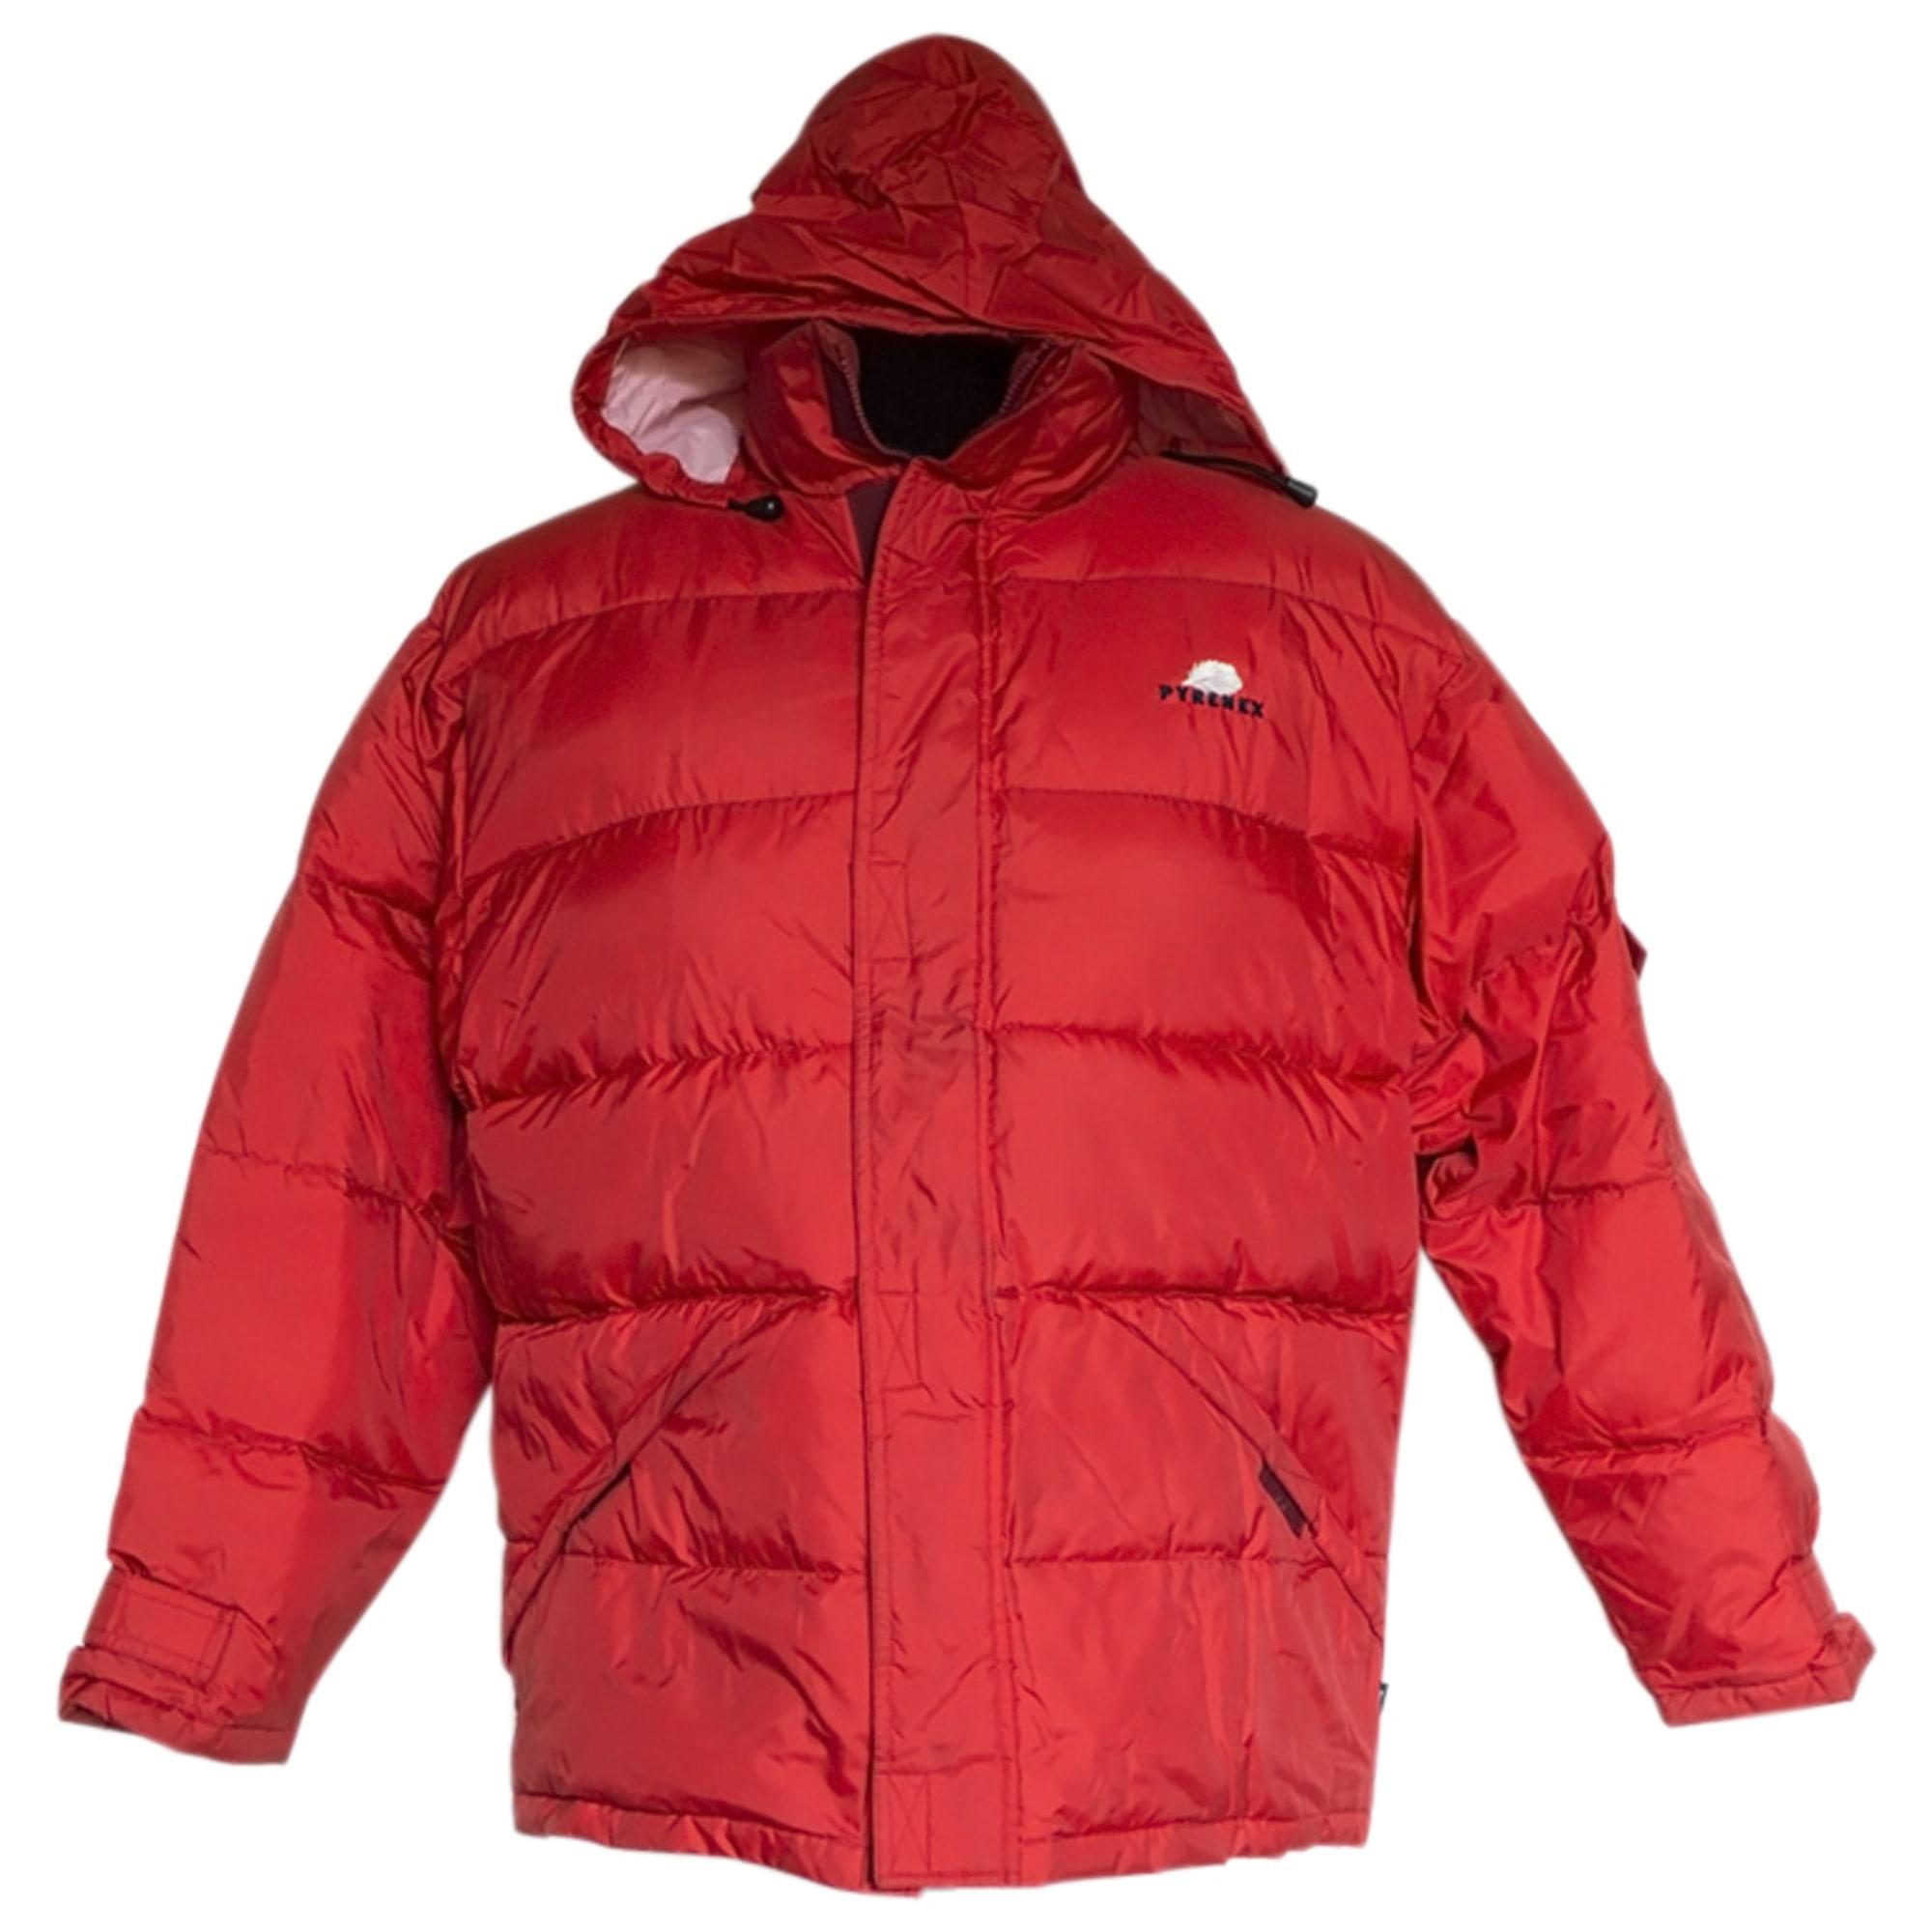 Doudoune PYRENEX 15-16 ans rouge vendu par Shopname655368 - 4001959 f3eea6d9fc5